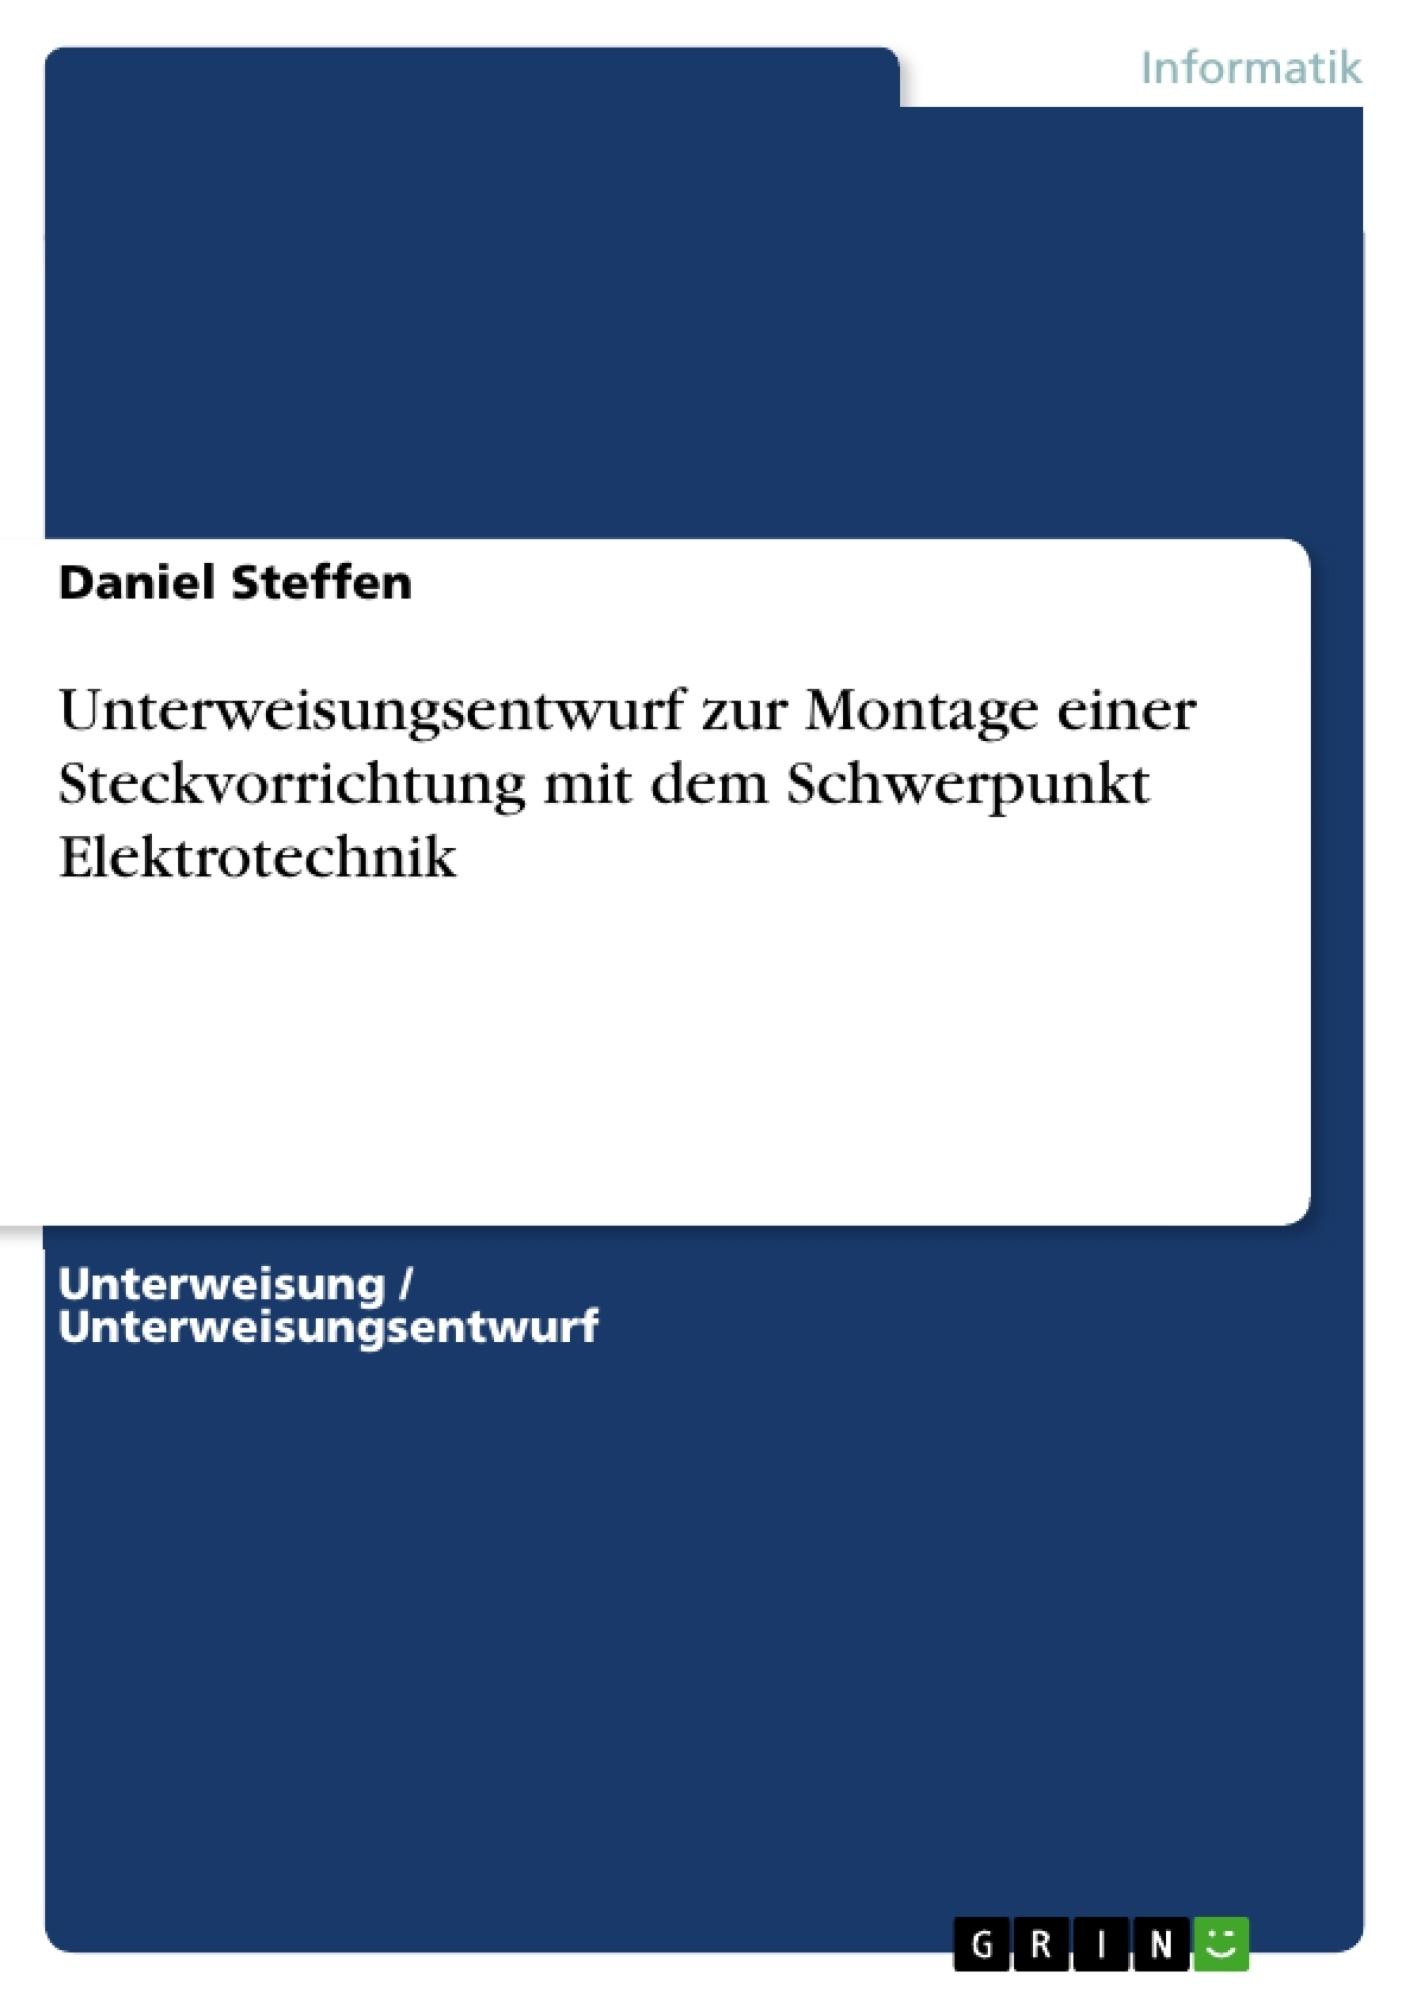 Titel: Unterweisungsentwurf zur Montage einer Steckvorrichtung mit dem Schwerpunkt Elektrotechnik